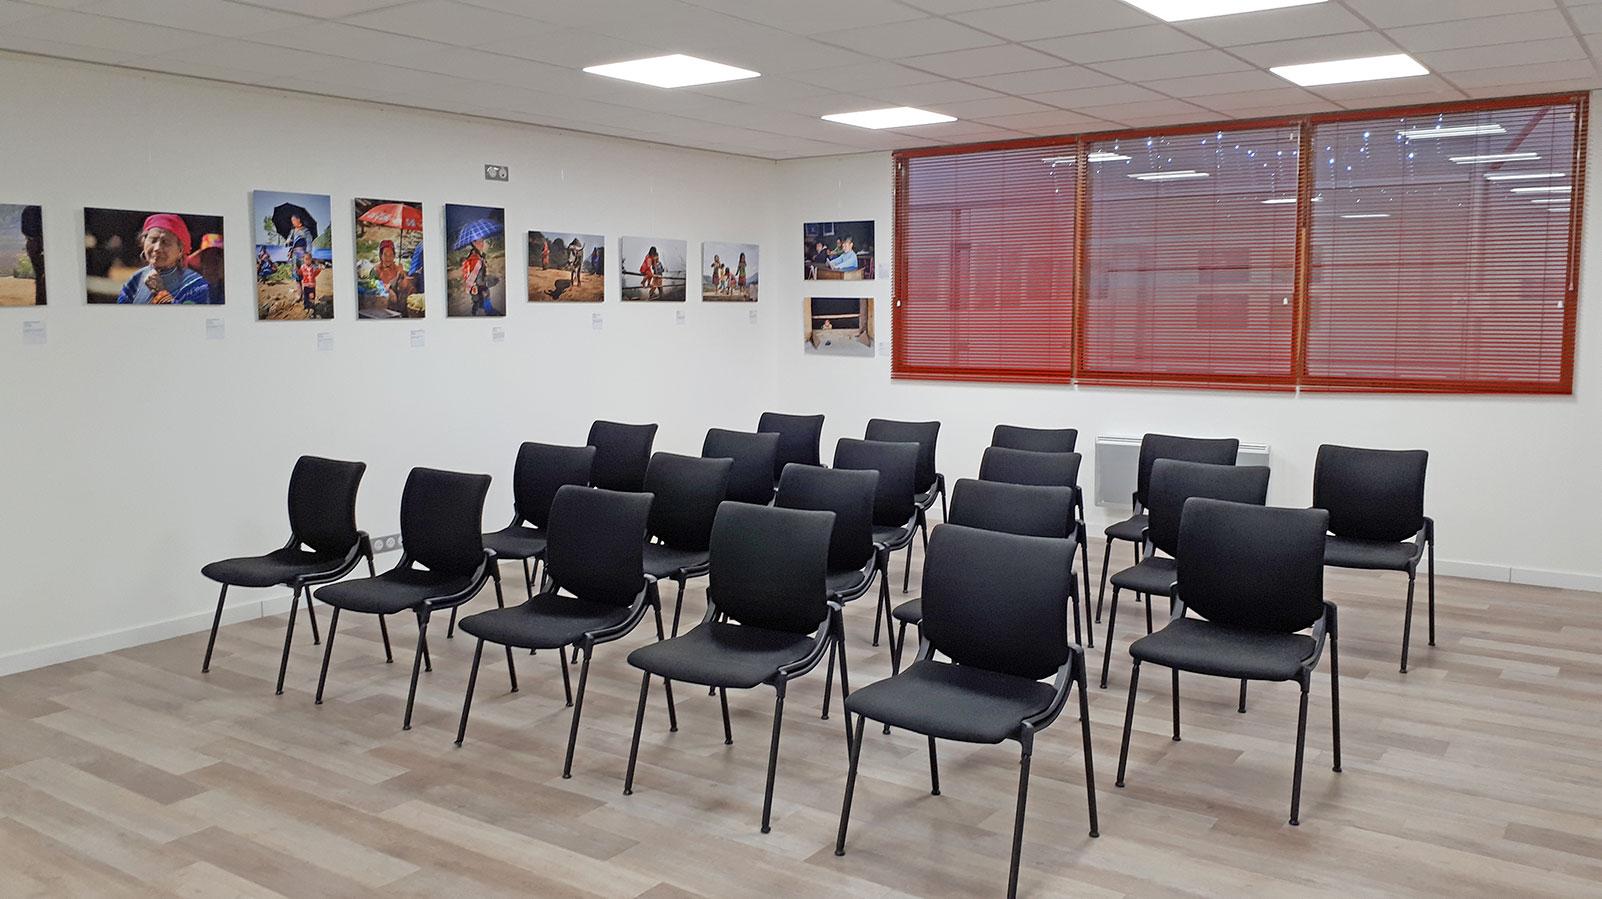 Location d'une salle pour vos réunions chez D'Sport & Co Nantes Est Entreprise